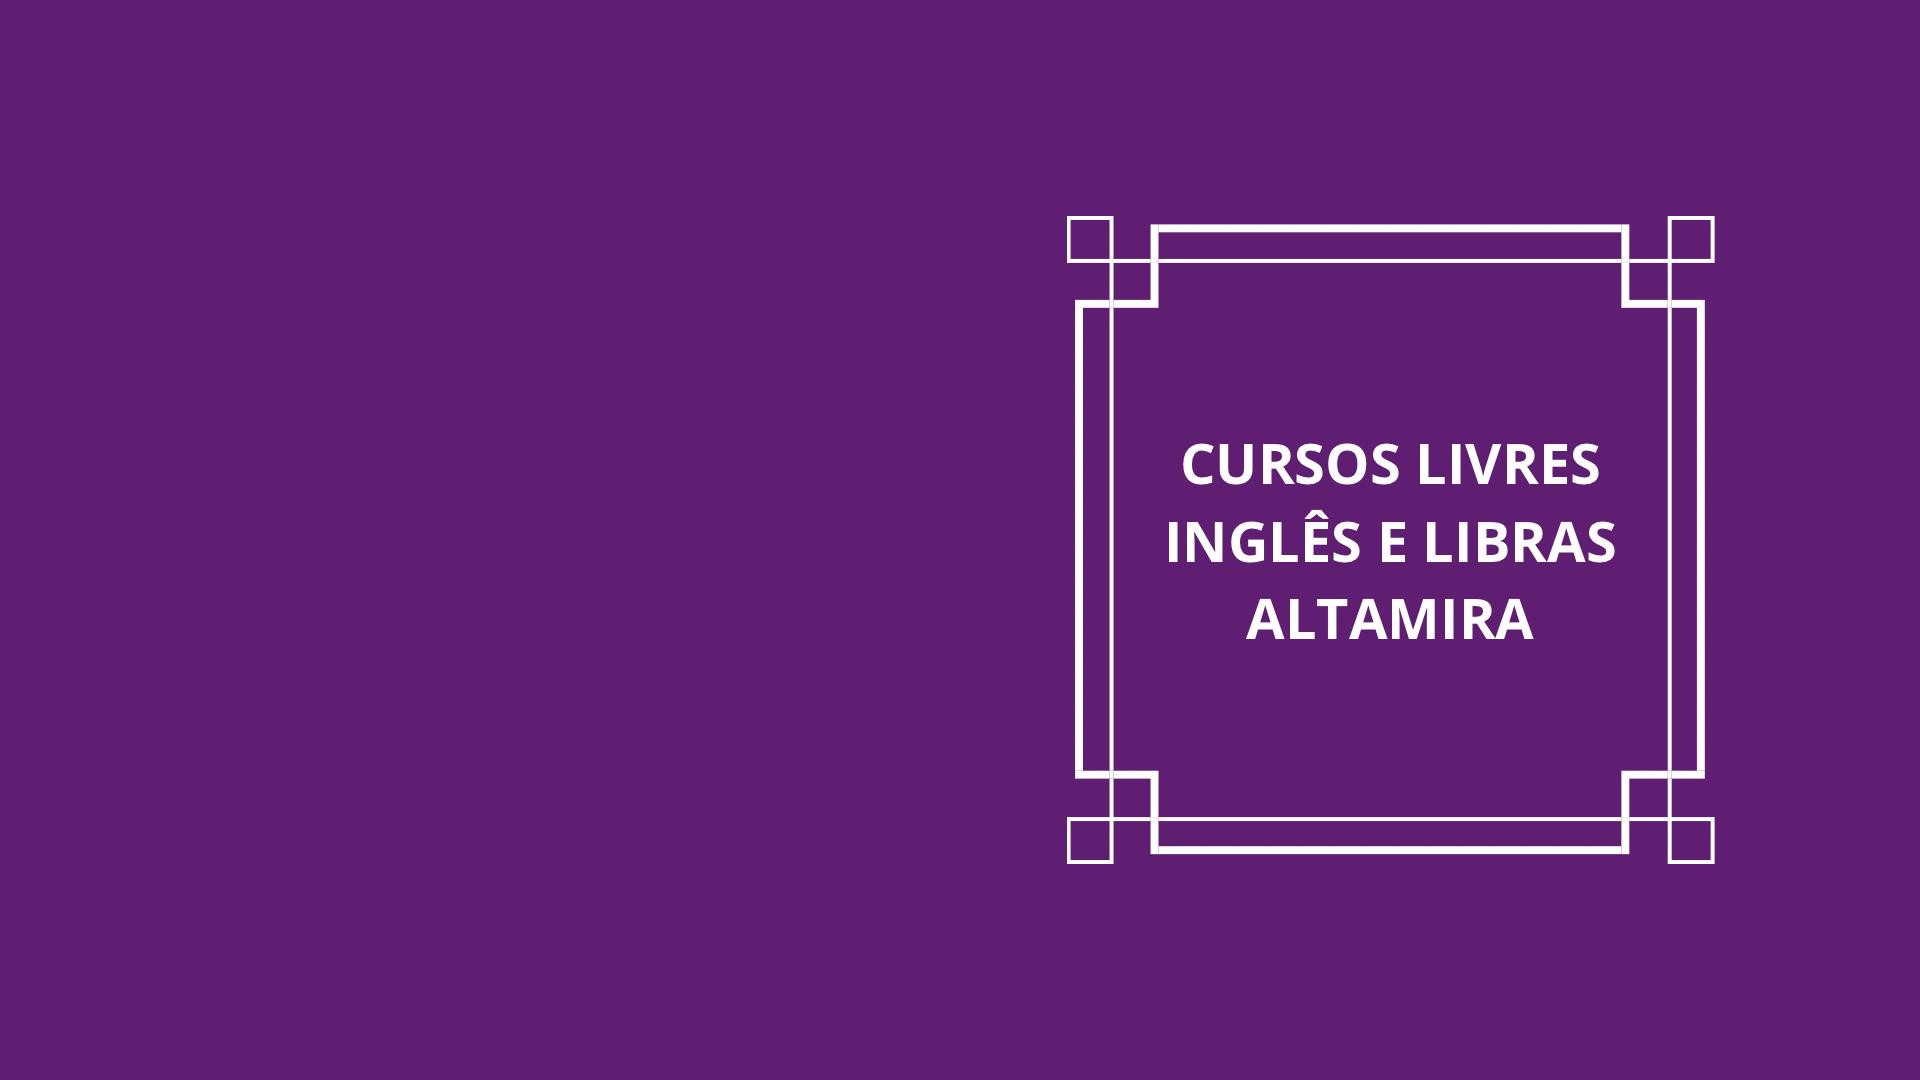 Retificação do Edital de Cursos Livres – Inglês e Libras